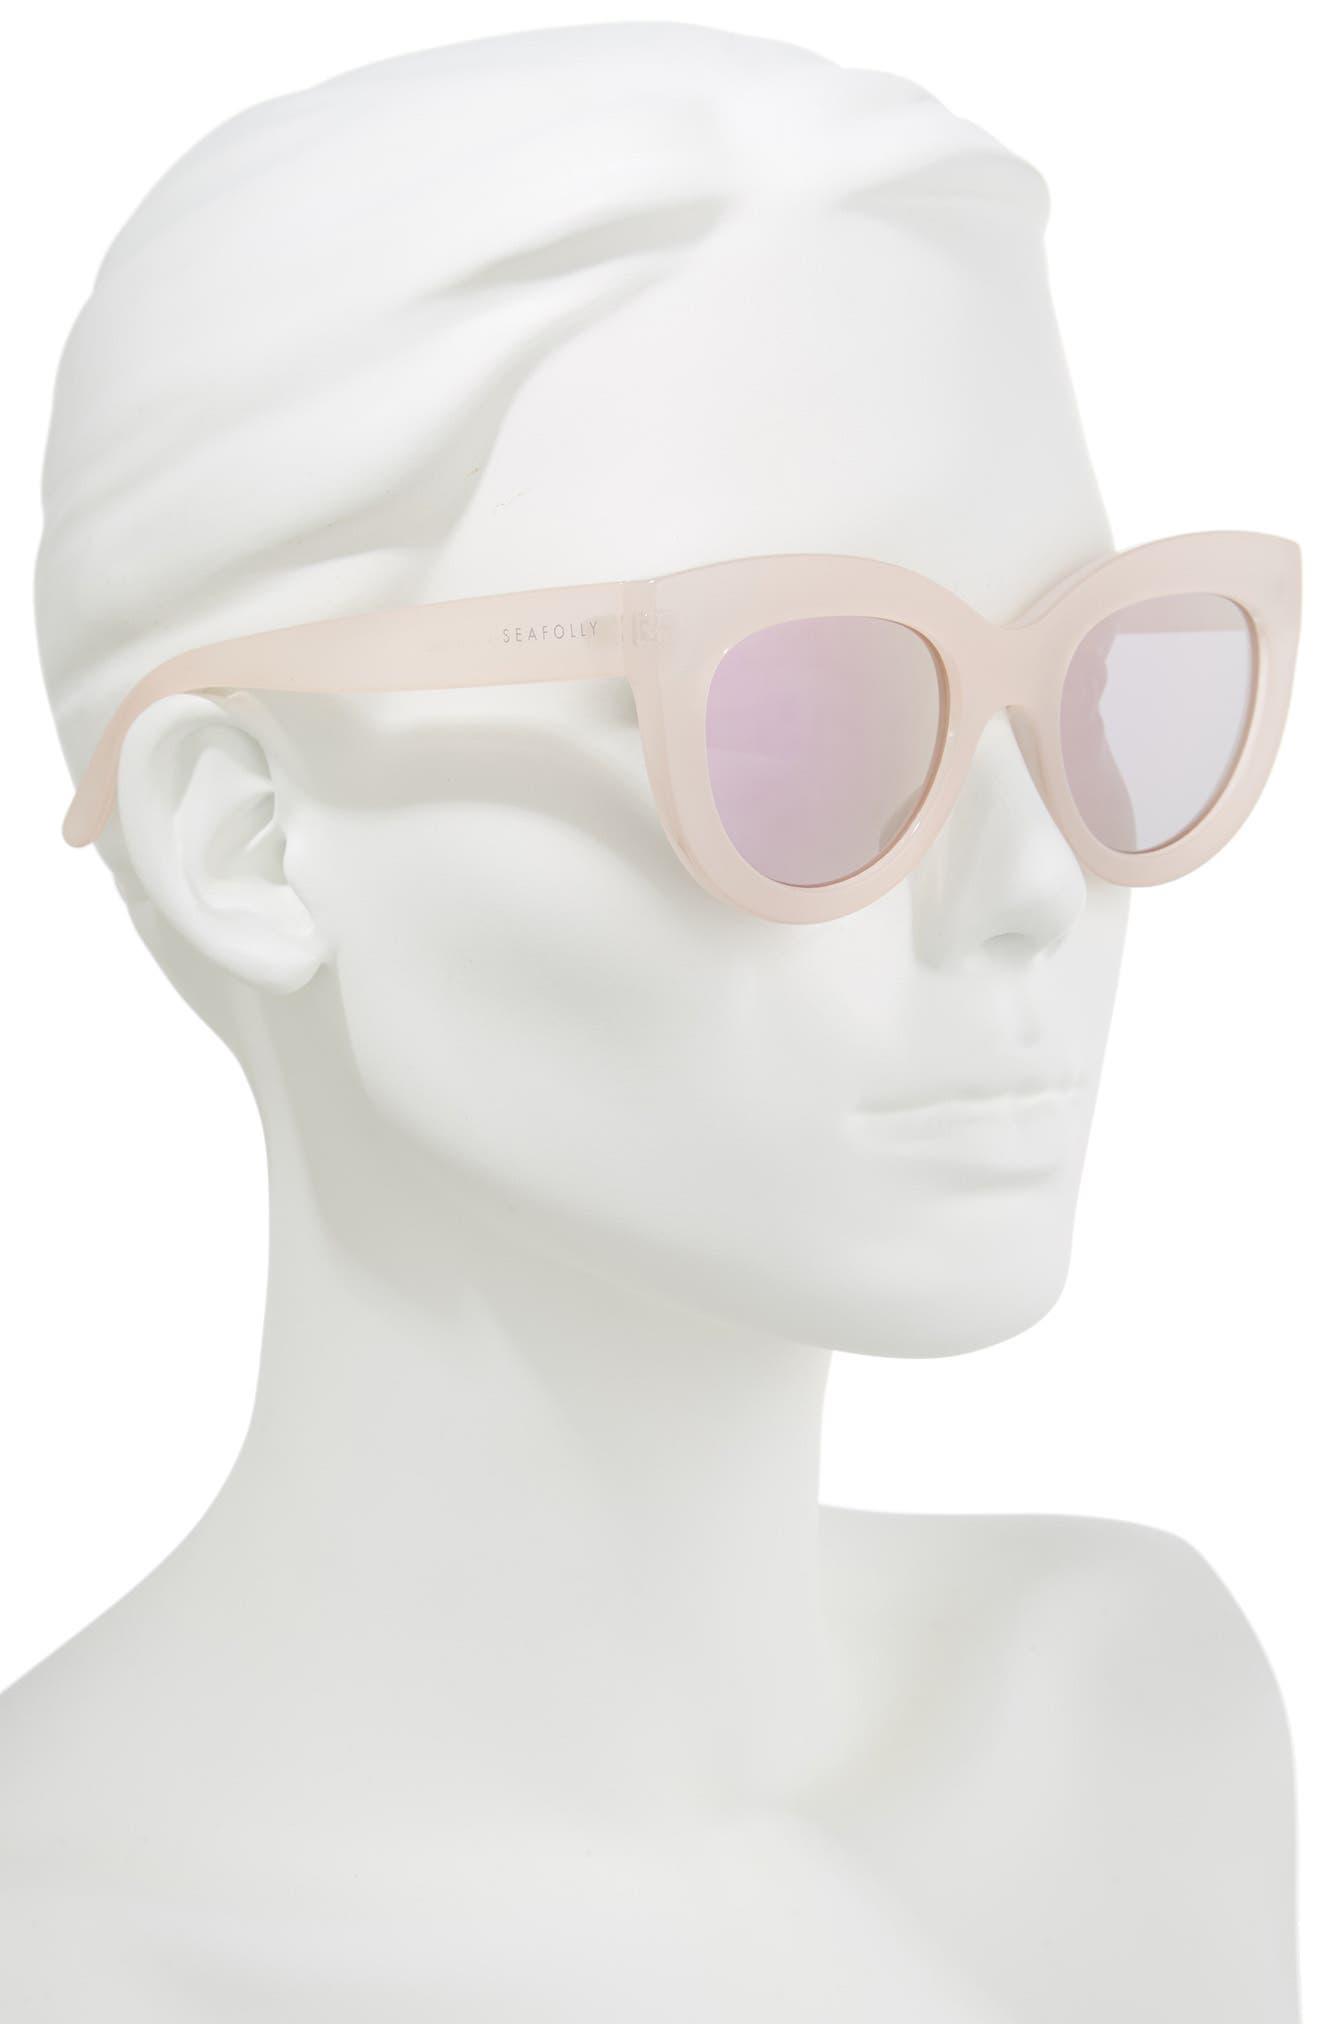 Torola V2 51mm Cat Eye Sunglasses,                             Alternate thumbnail 2, color,                             660